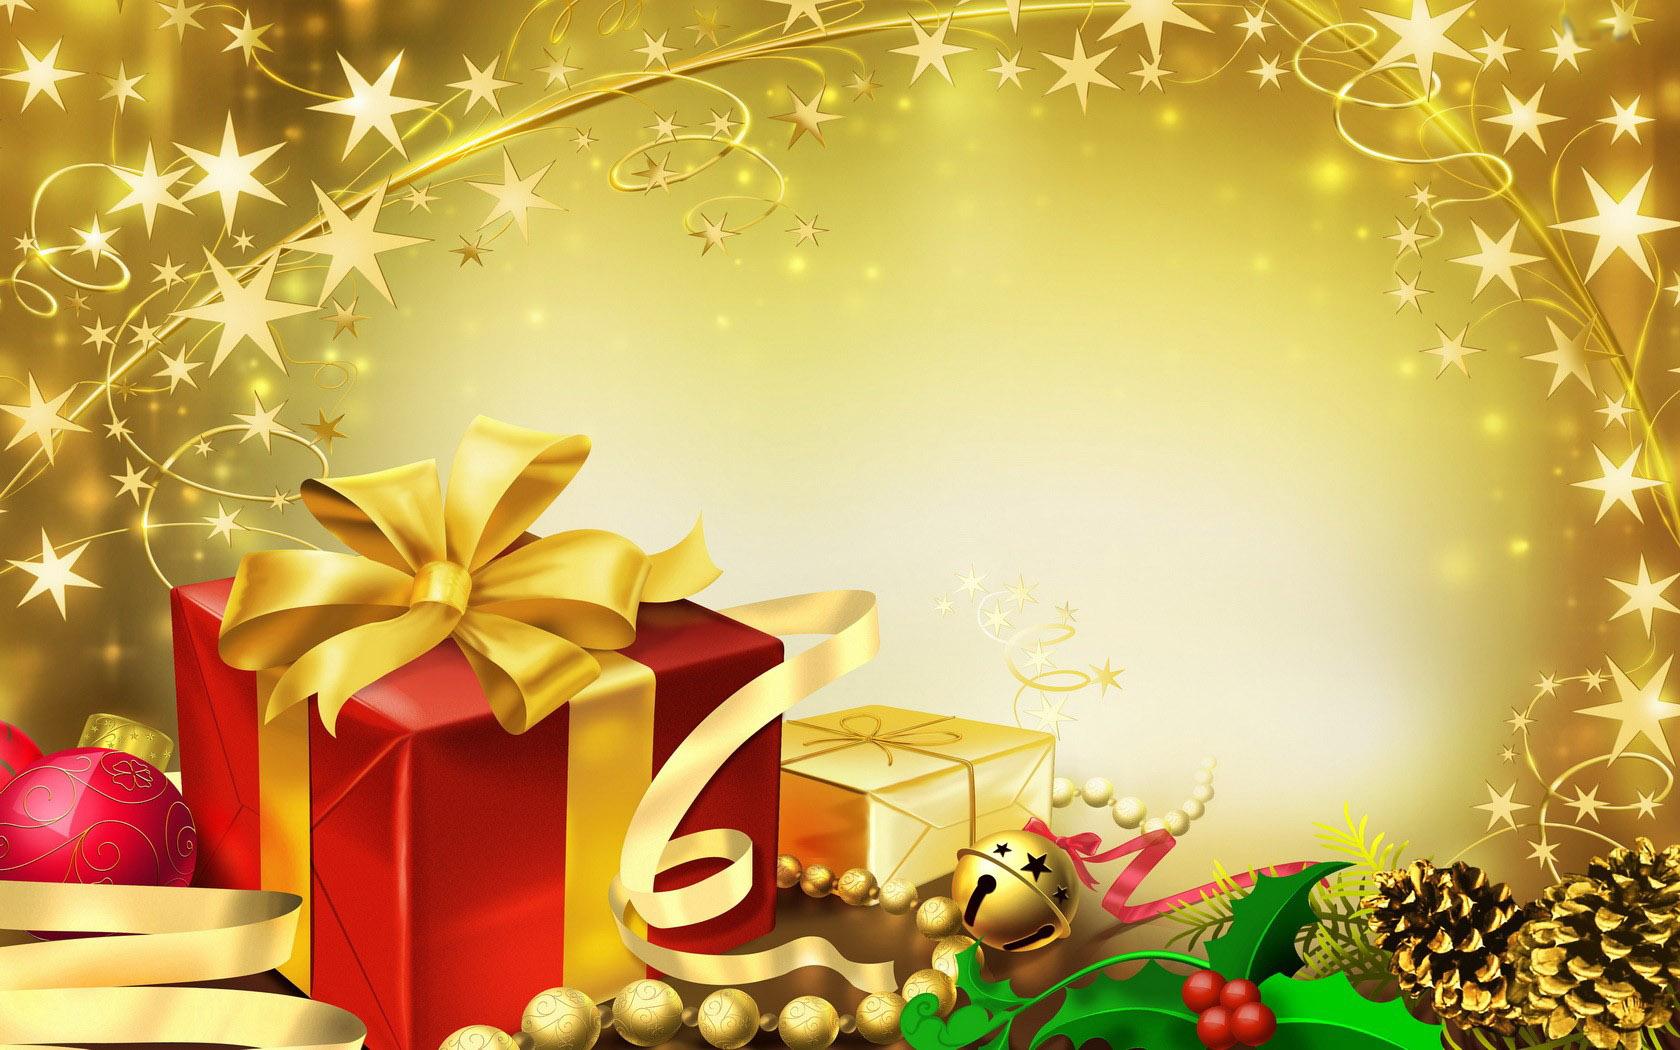 Weihnachts geschenke bilder